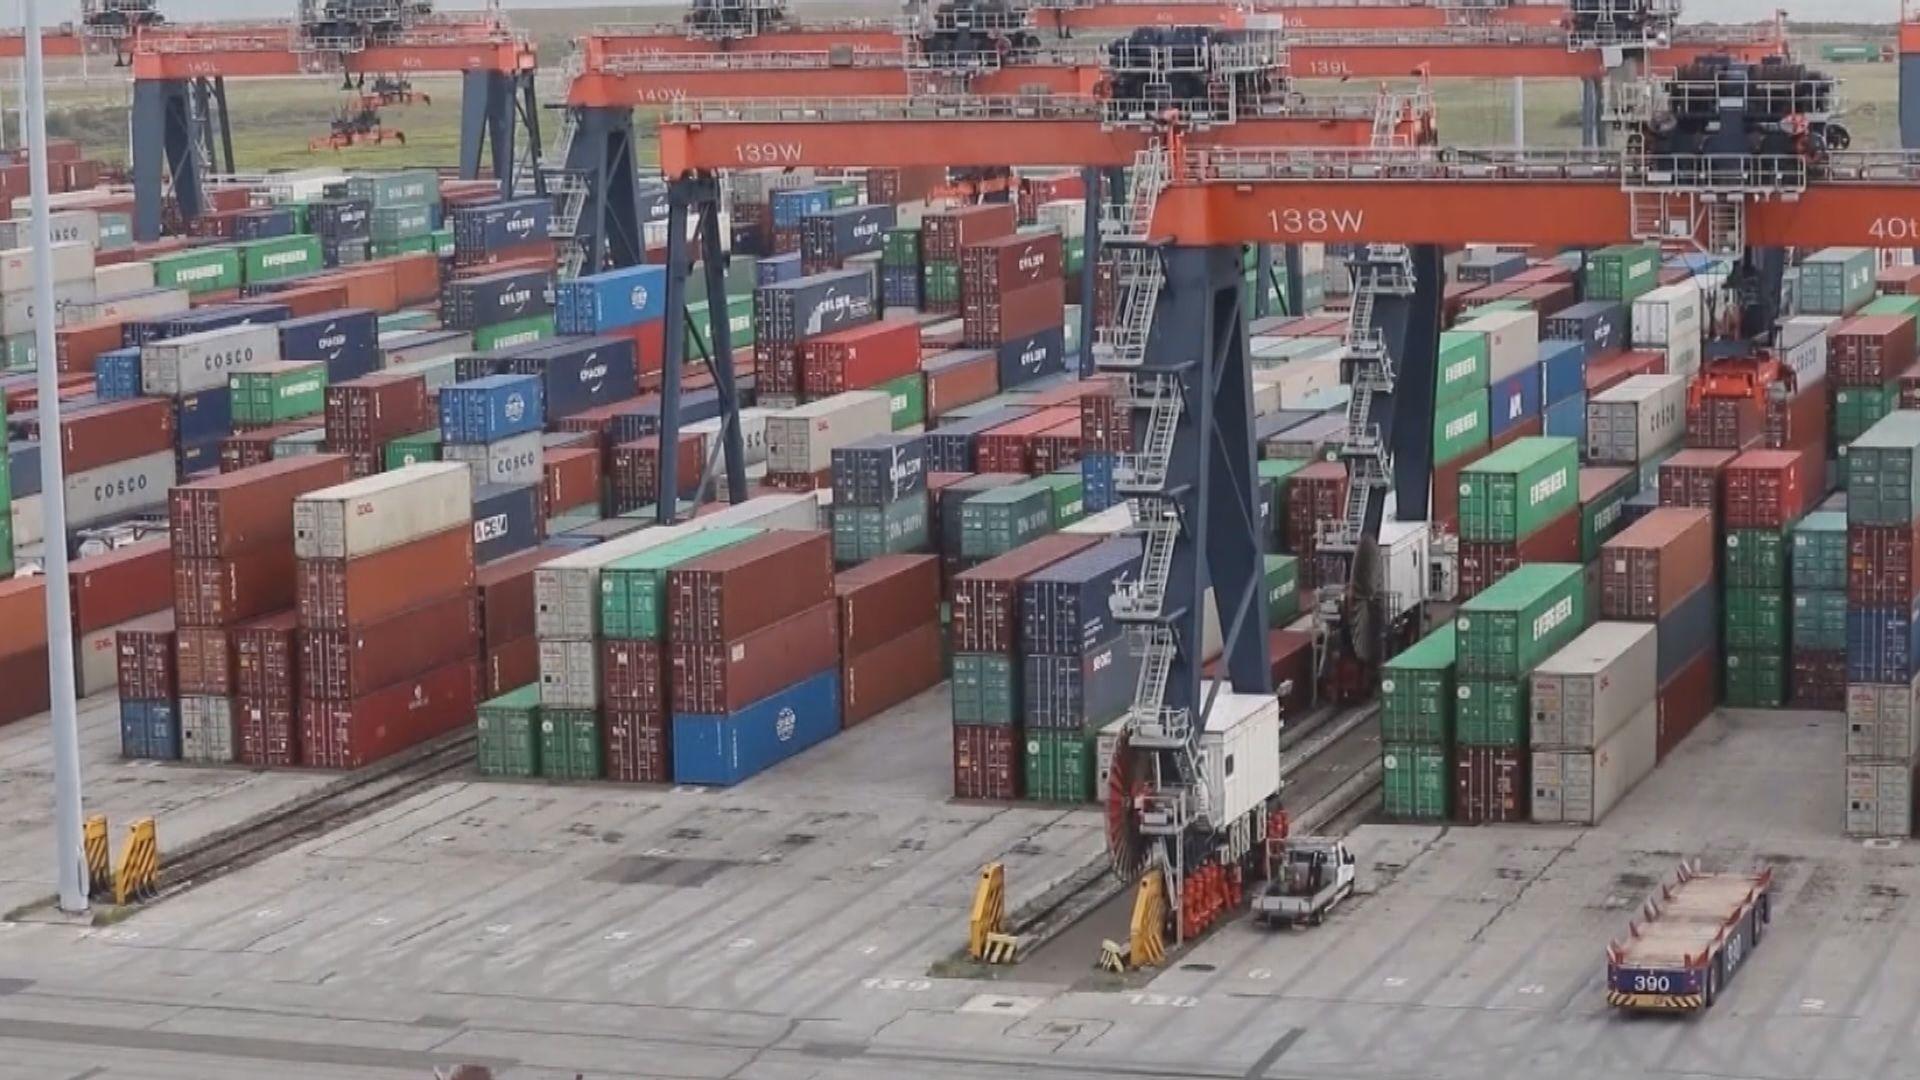 【貿戰升級】特朗普原希望加徵中國貨一倍關稅 官員制止